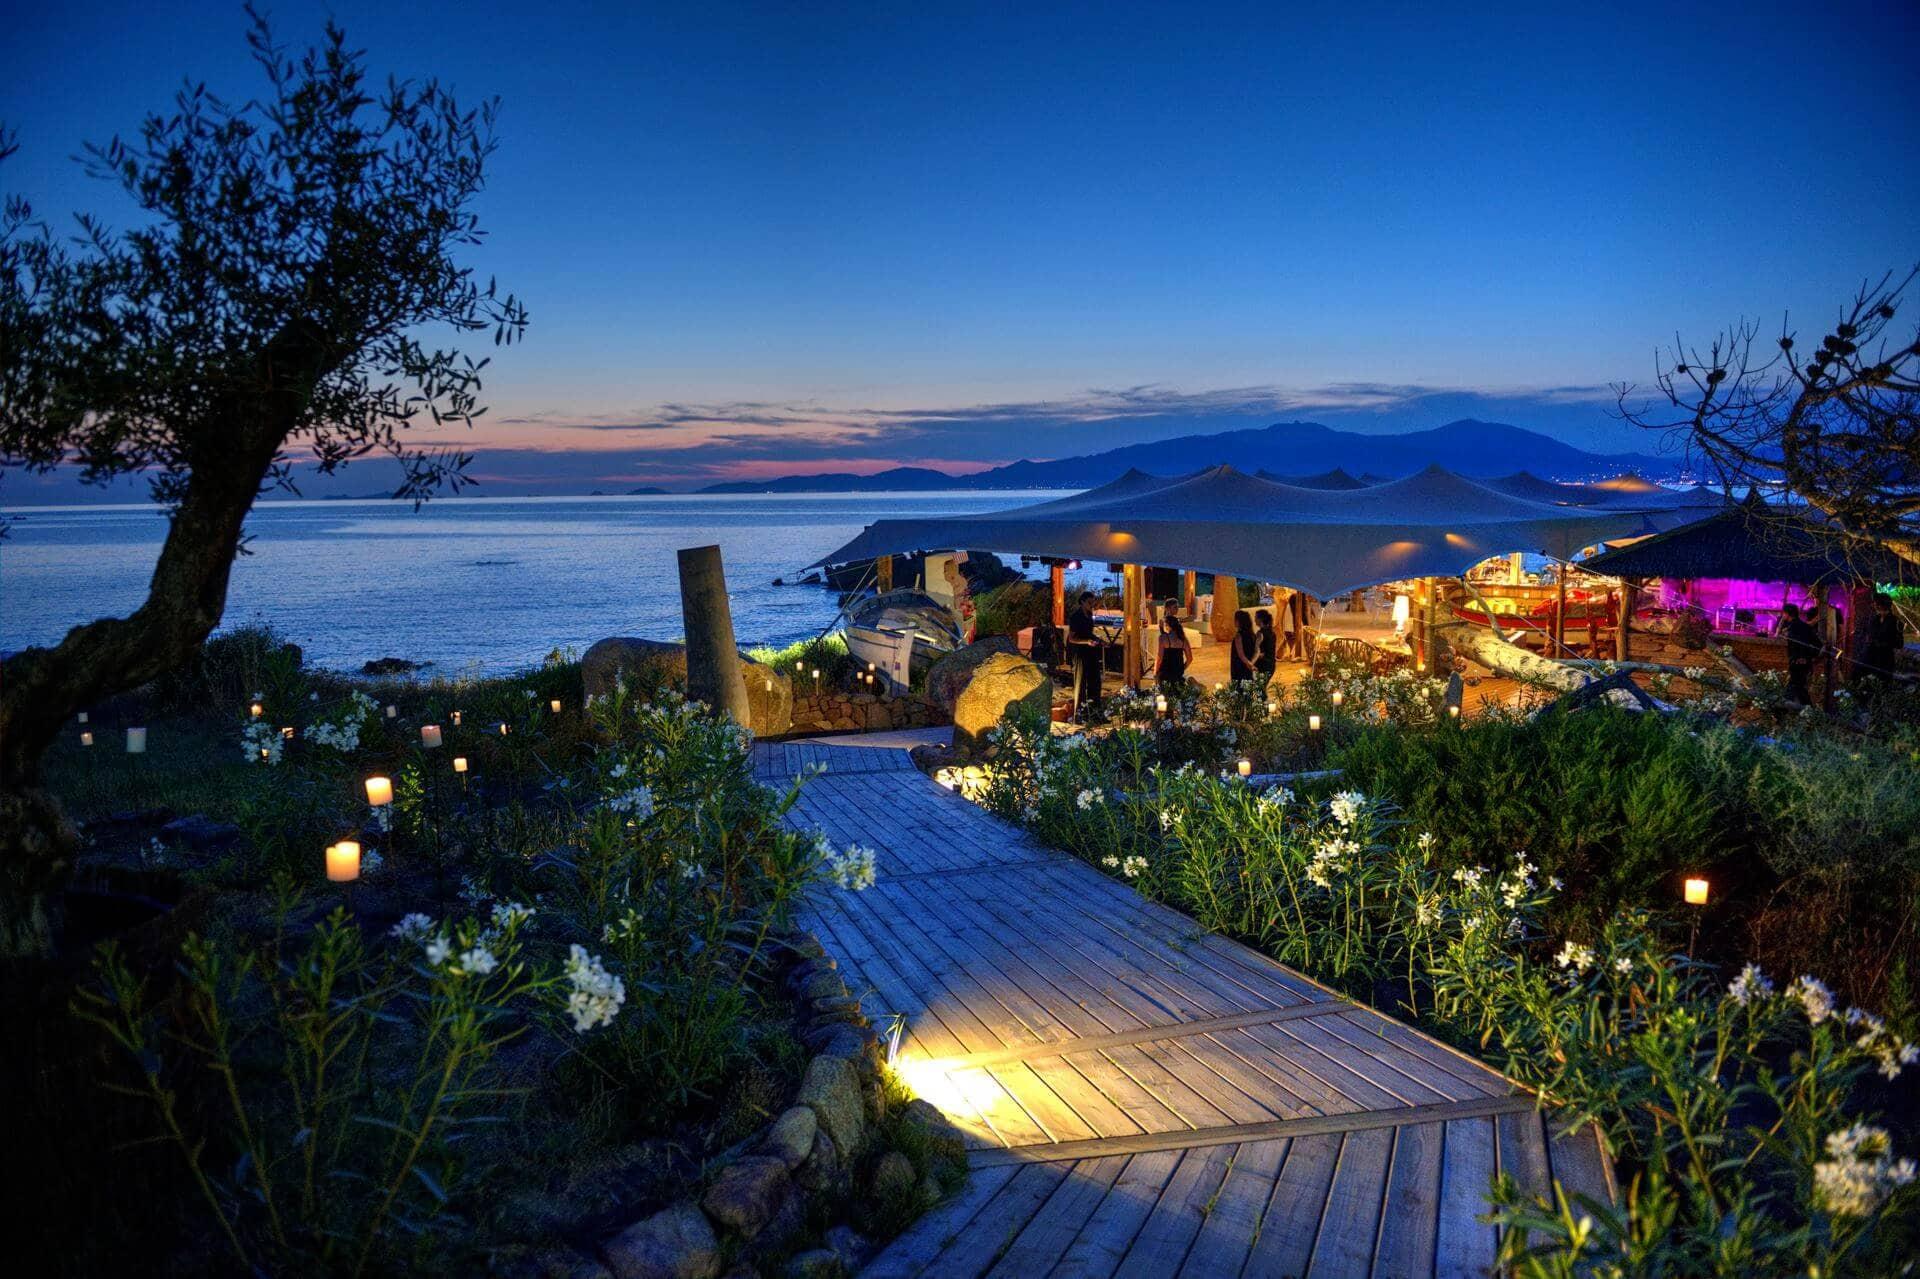 Corse domaine priv de luxe en bord de mer ditesmoioui for Villa avec piscine en corse